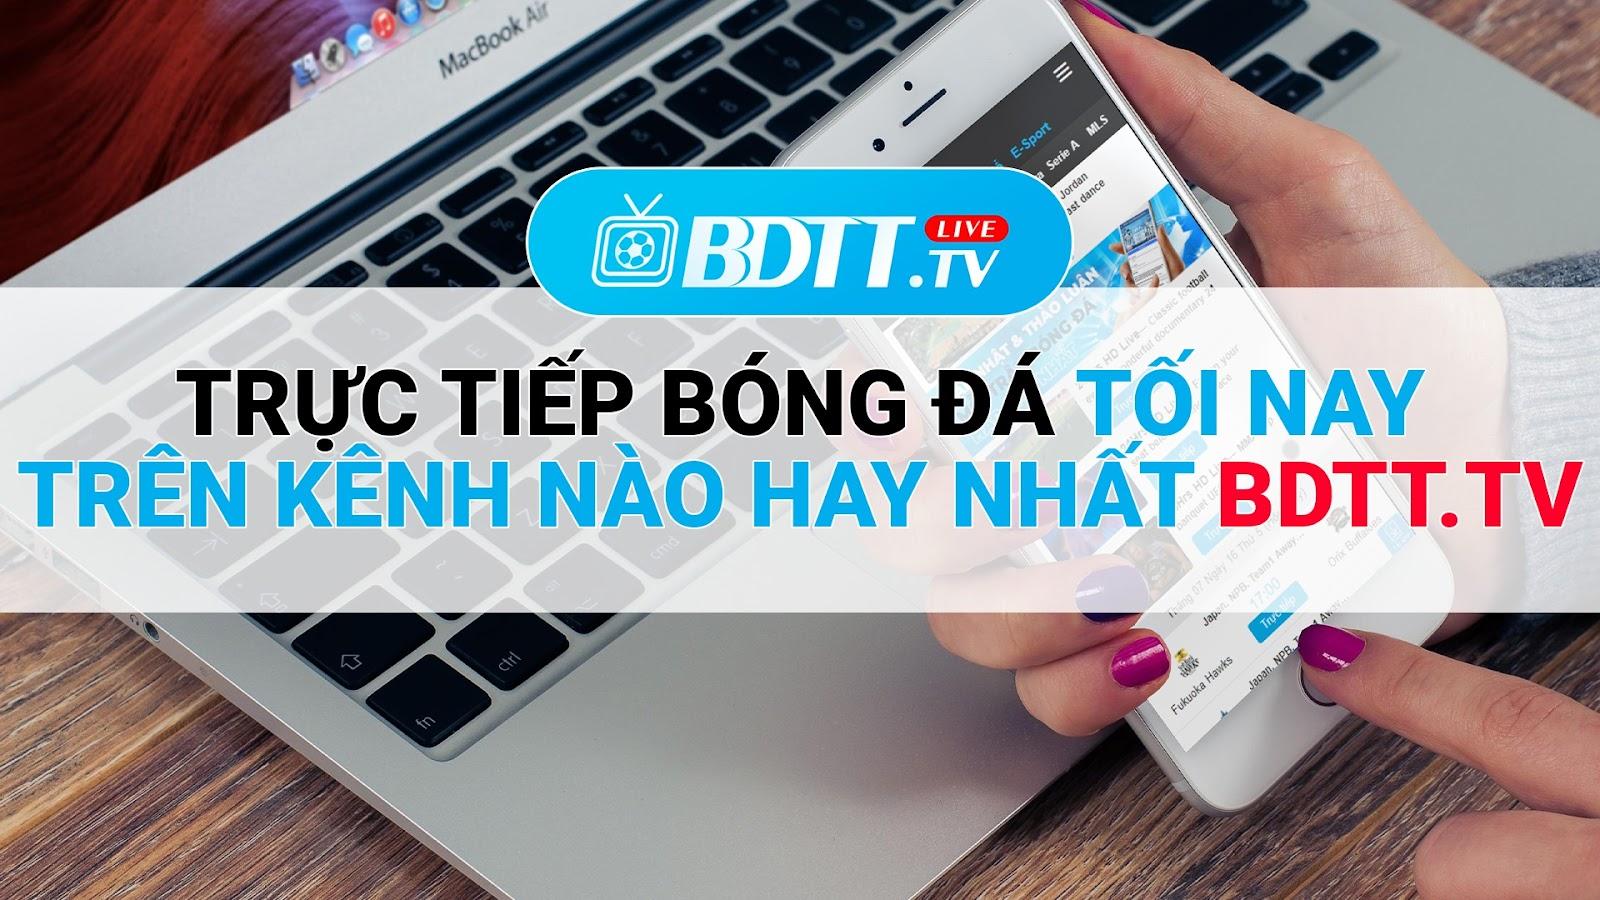 BDTT.tv là kênh trực tiếp bóng đá chất lượng cao được sử dụng công nghệ trực tiếp tiên tiến nhất, với nguồn cung cấp link trực tiếp có bản quyền nên khi phát sóng các trận đấu bóng đá luôn nhanh chóng và chuẩn xác nhất mỗi ngày.